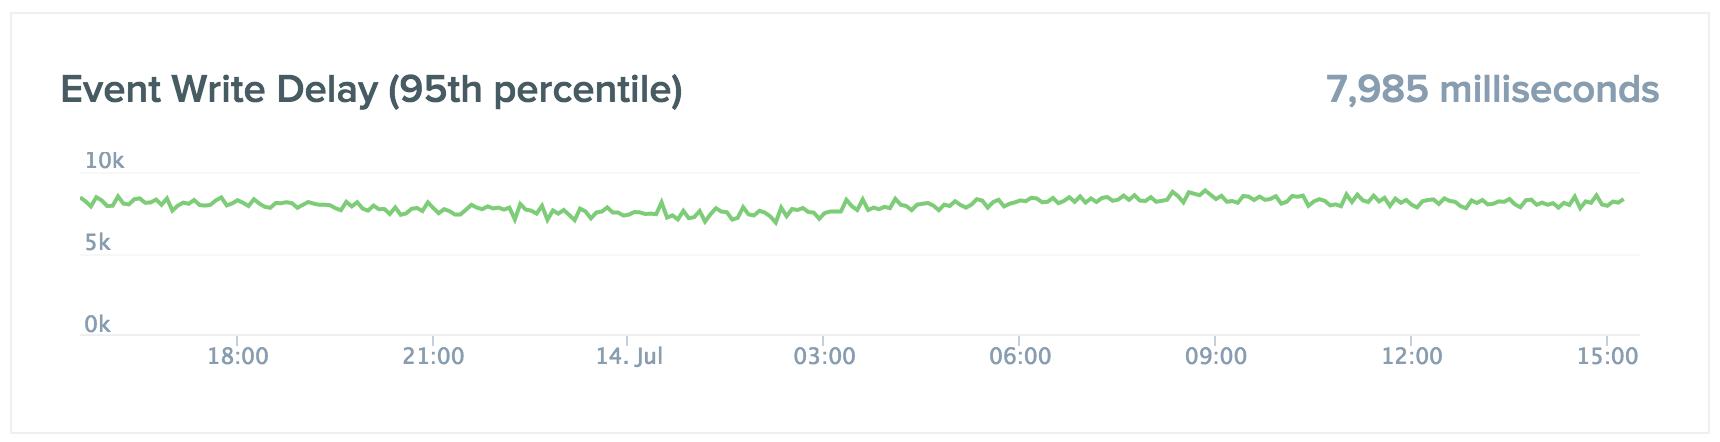 Event Write Delay graph